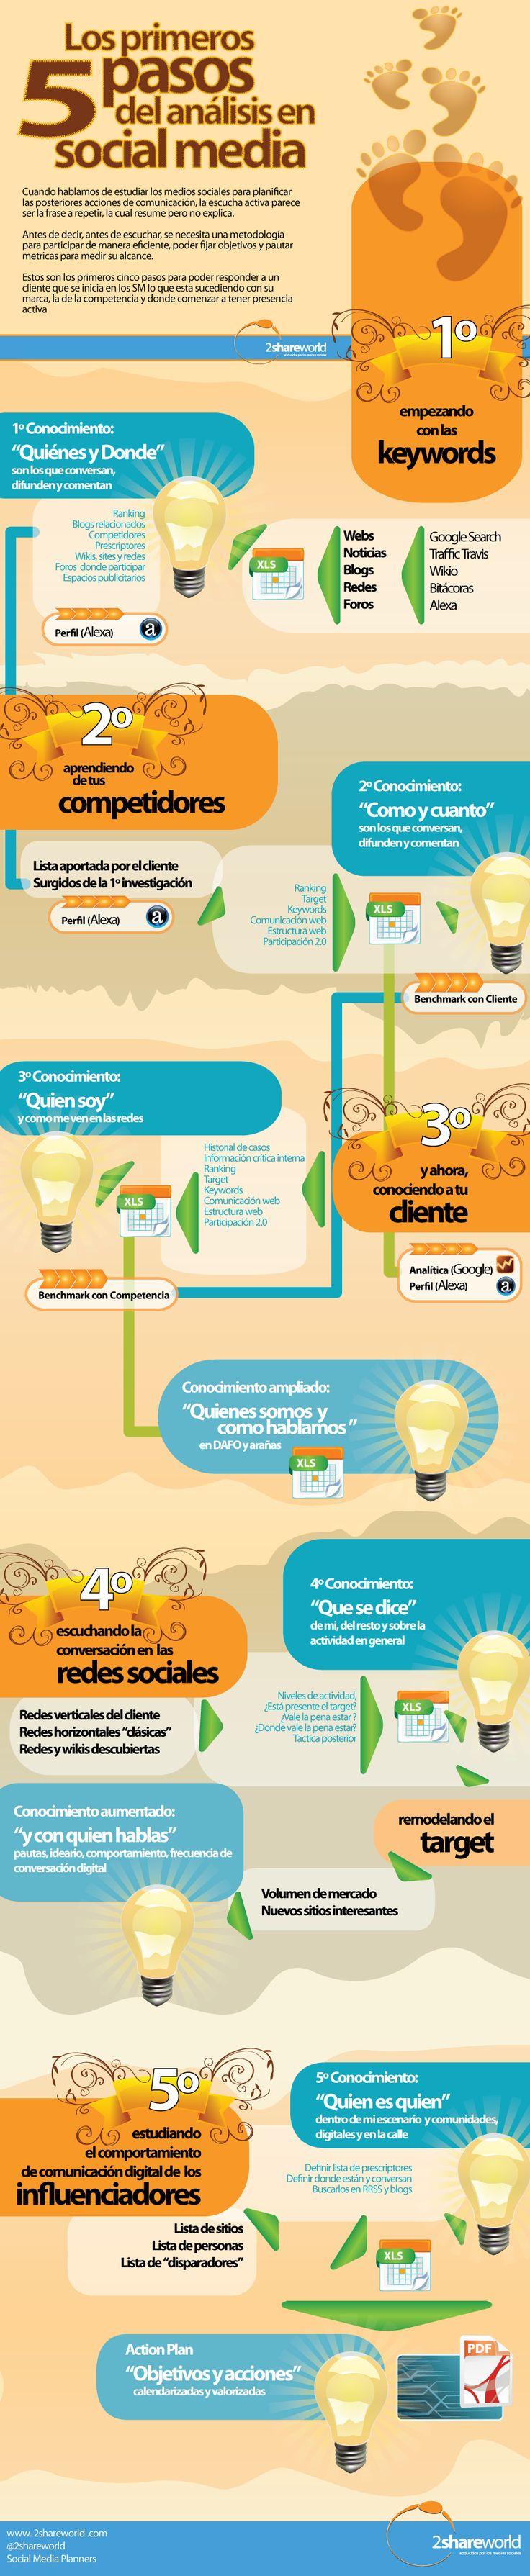 5 pasos para desarrollar un plan de social media